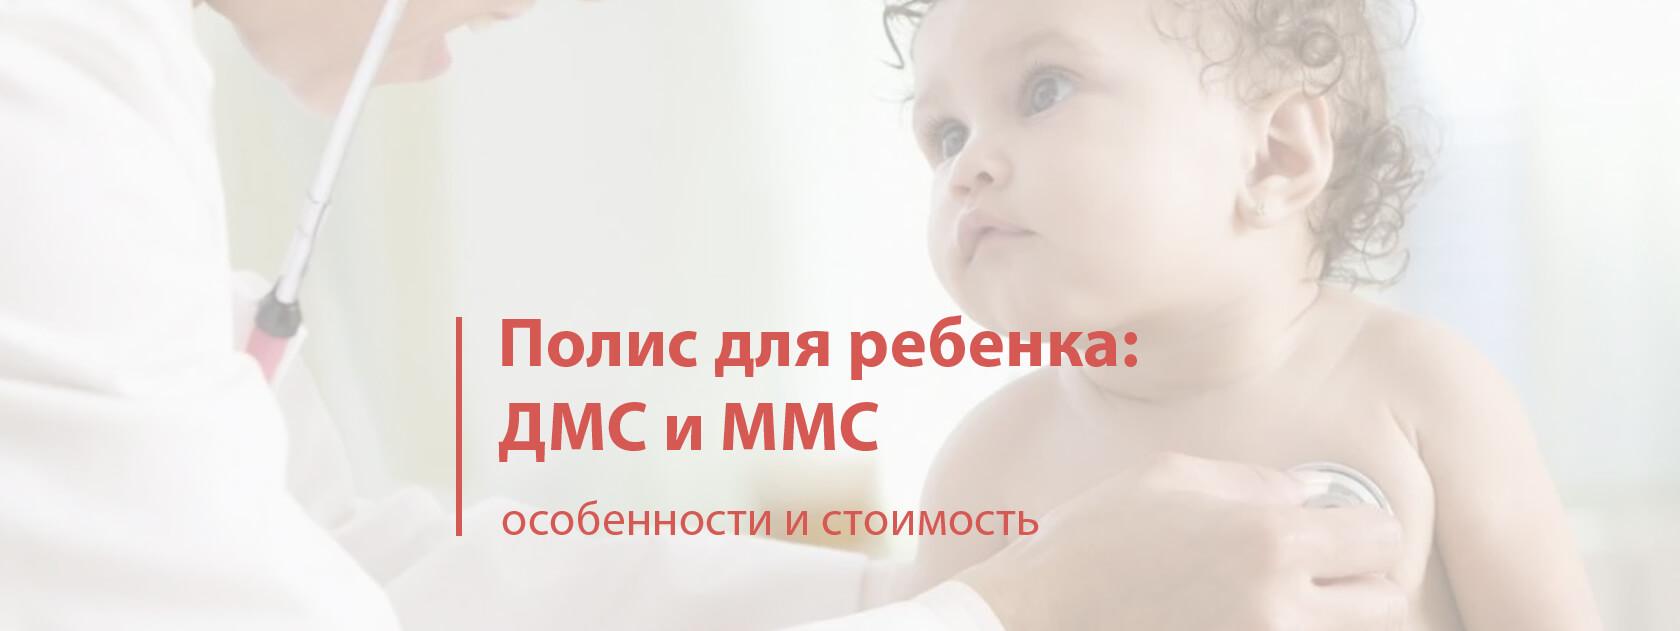 Полис для ребенка ДМС и ММС